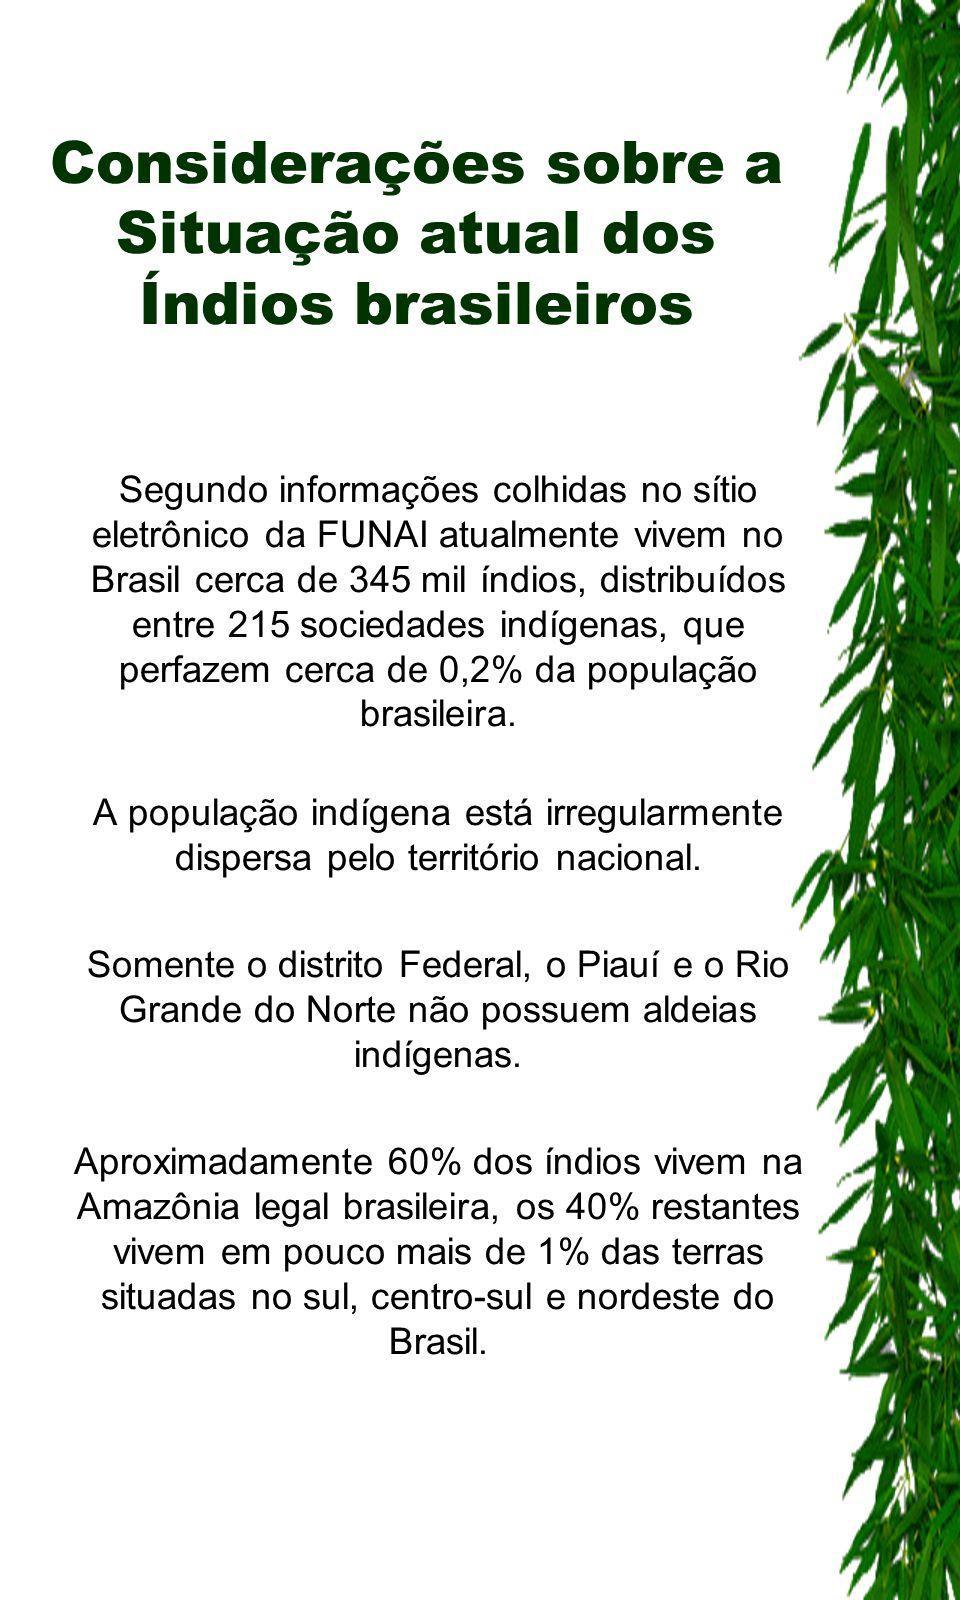 Considerações sobre a Situação atual dos Índios brasileiros